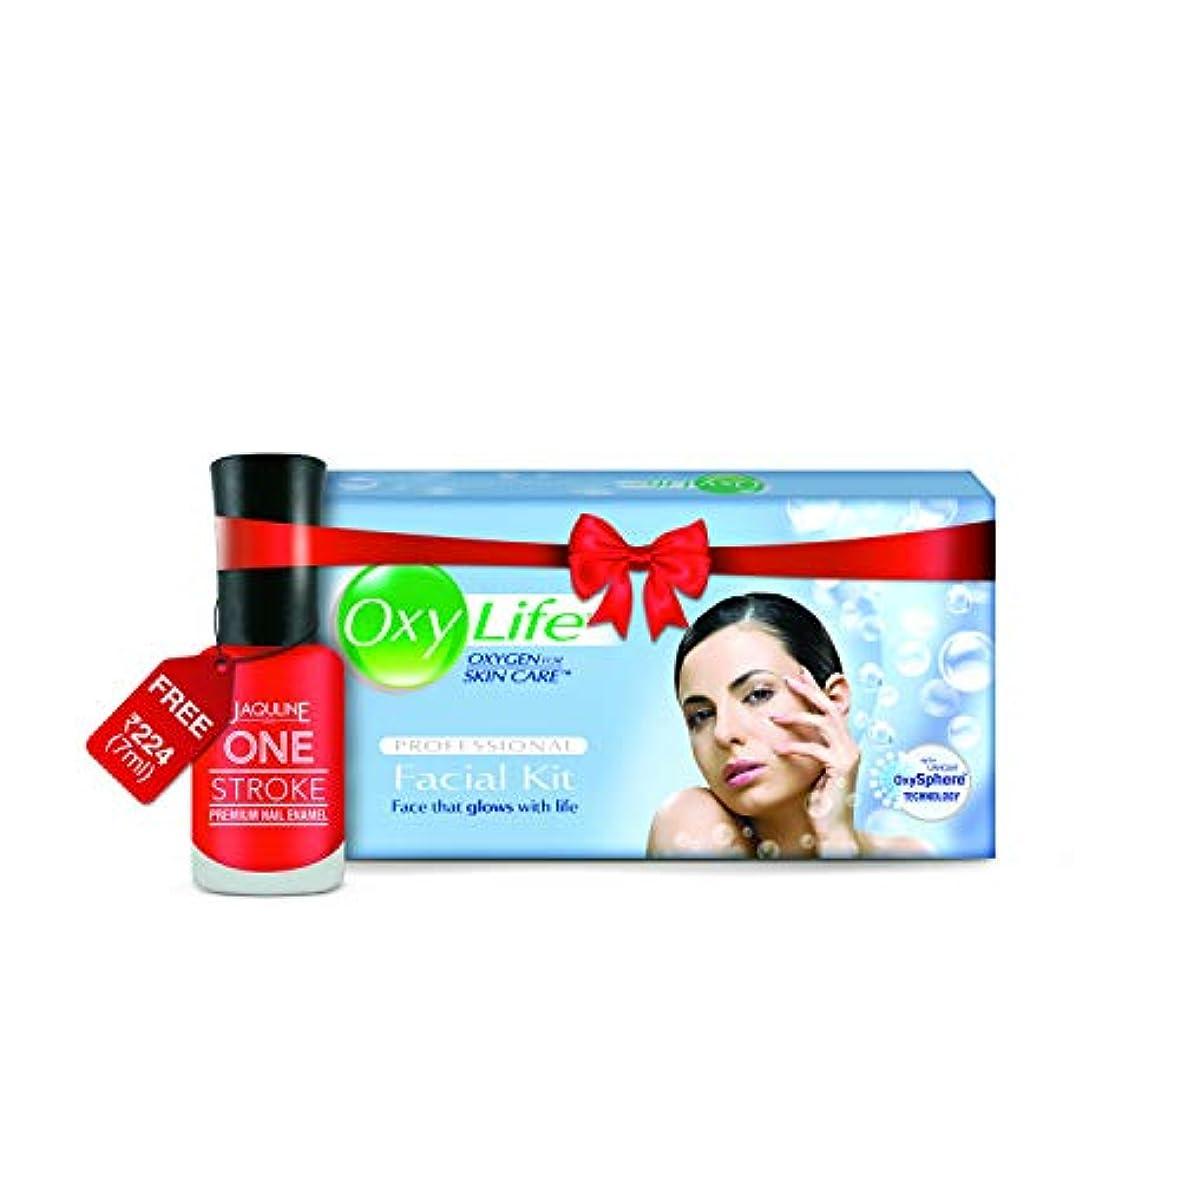 袋規則性半ばOxylifeプロフェッショナルユニークOxysphereテクノロジーフェイシャルキット - スキンケアのための酸素Oxylife Professional Facial Kit with Unique Oxysphere...